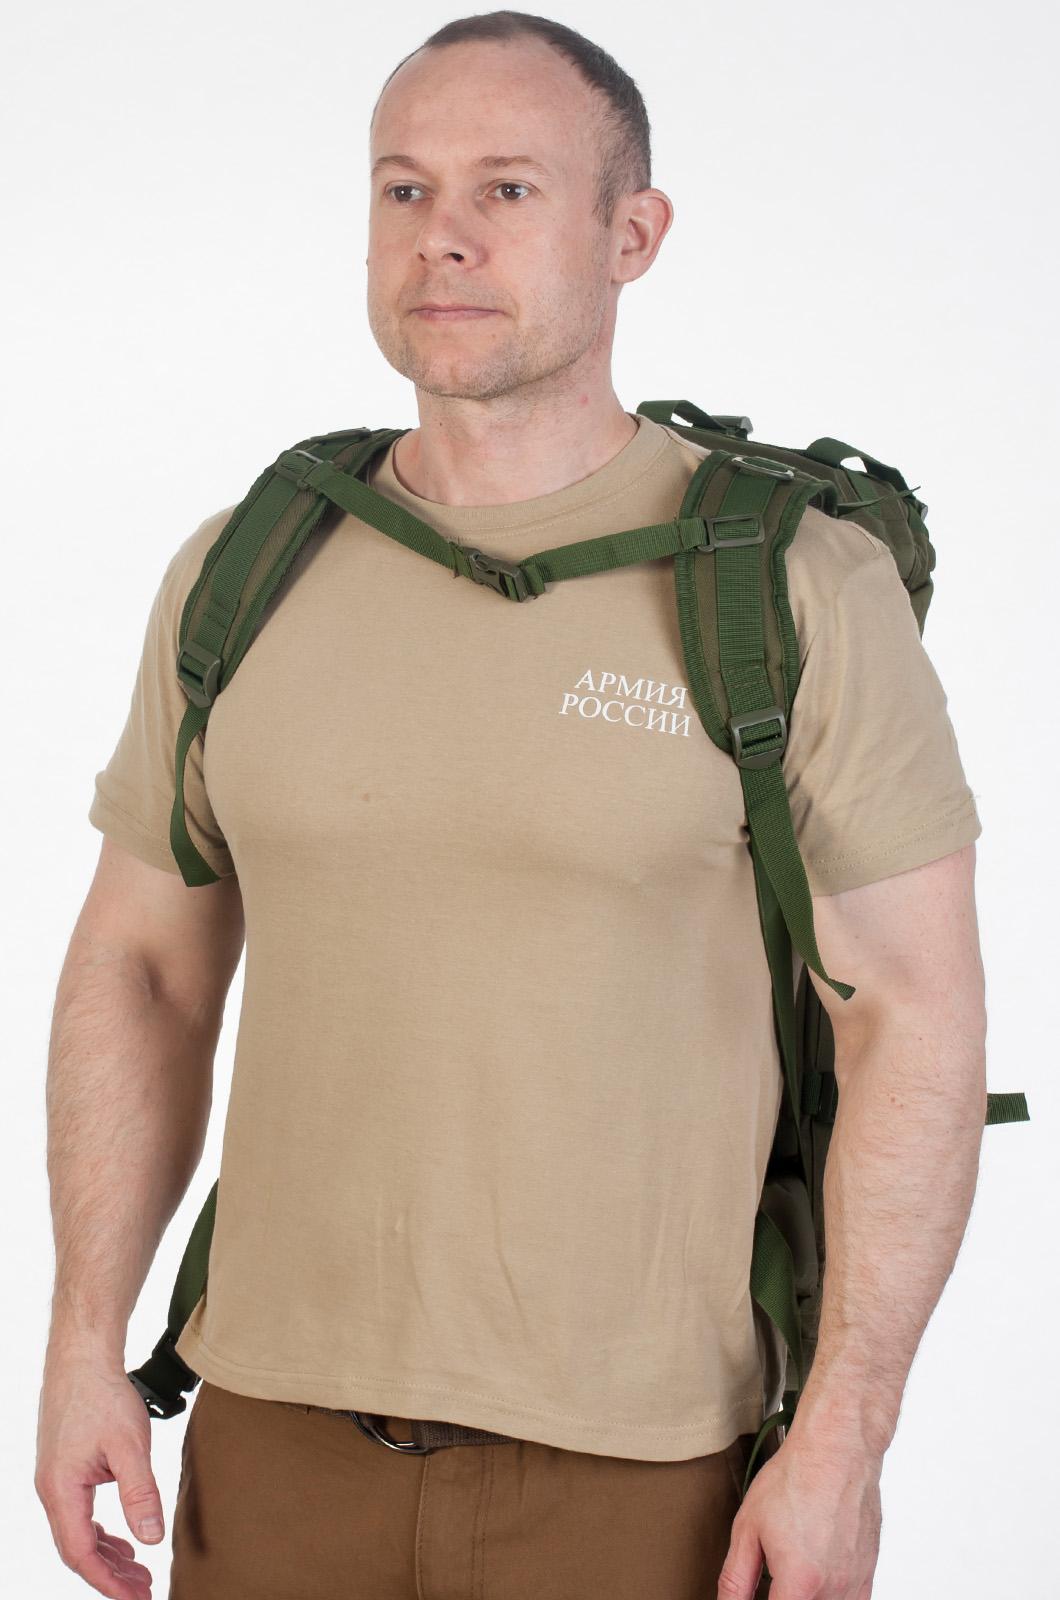 Функциональный армейский рюкзак с нашивкой УГРО - заказать оптом